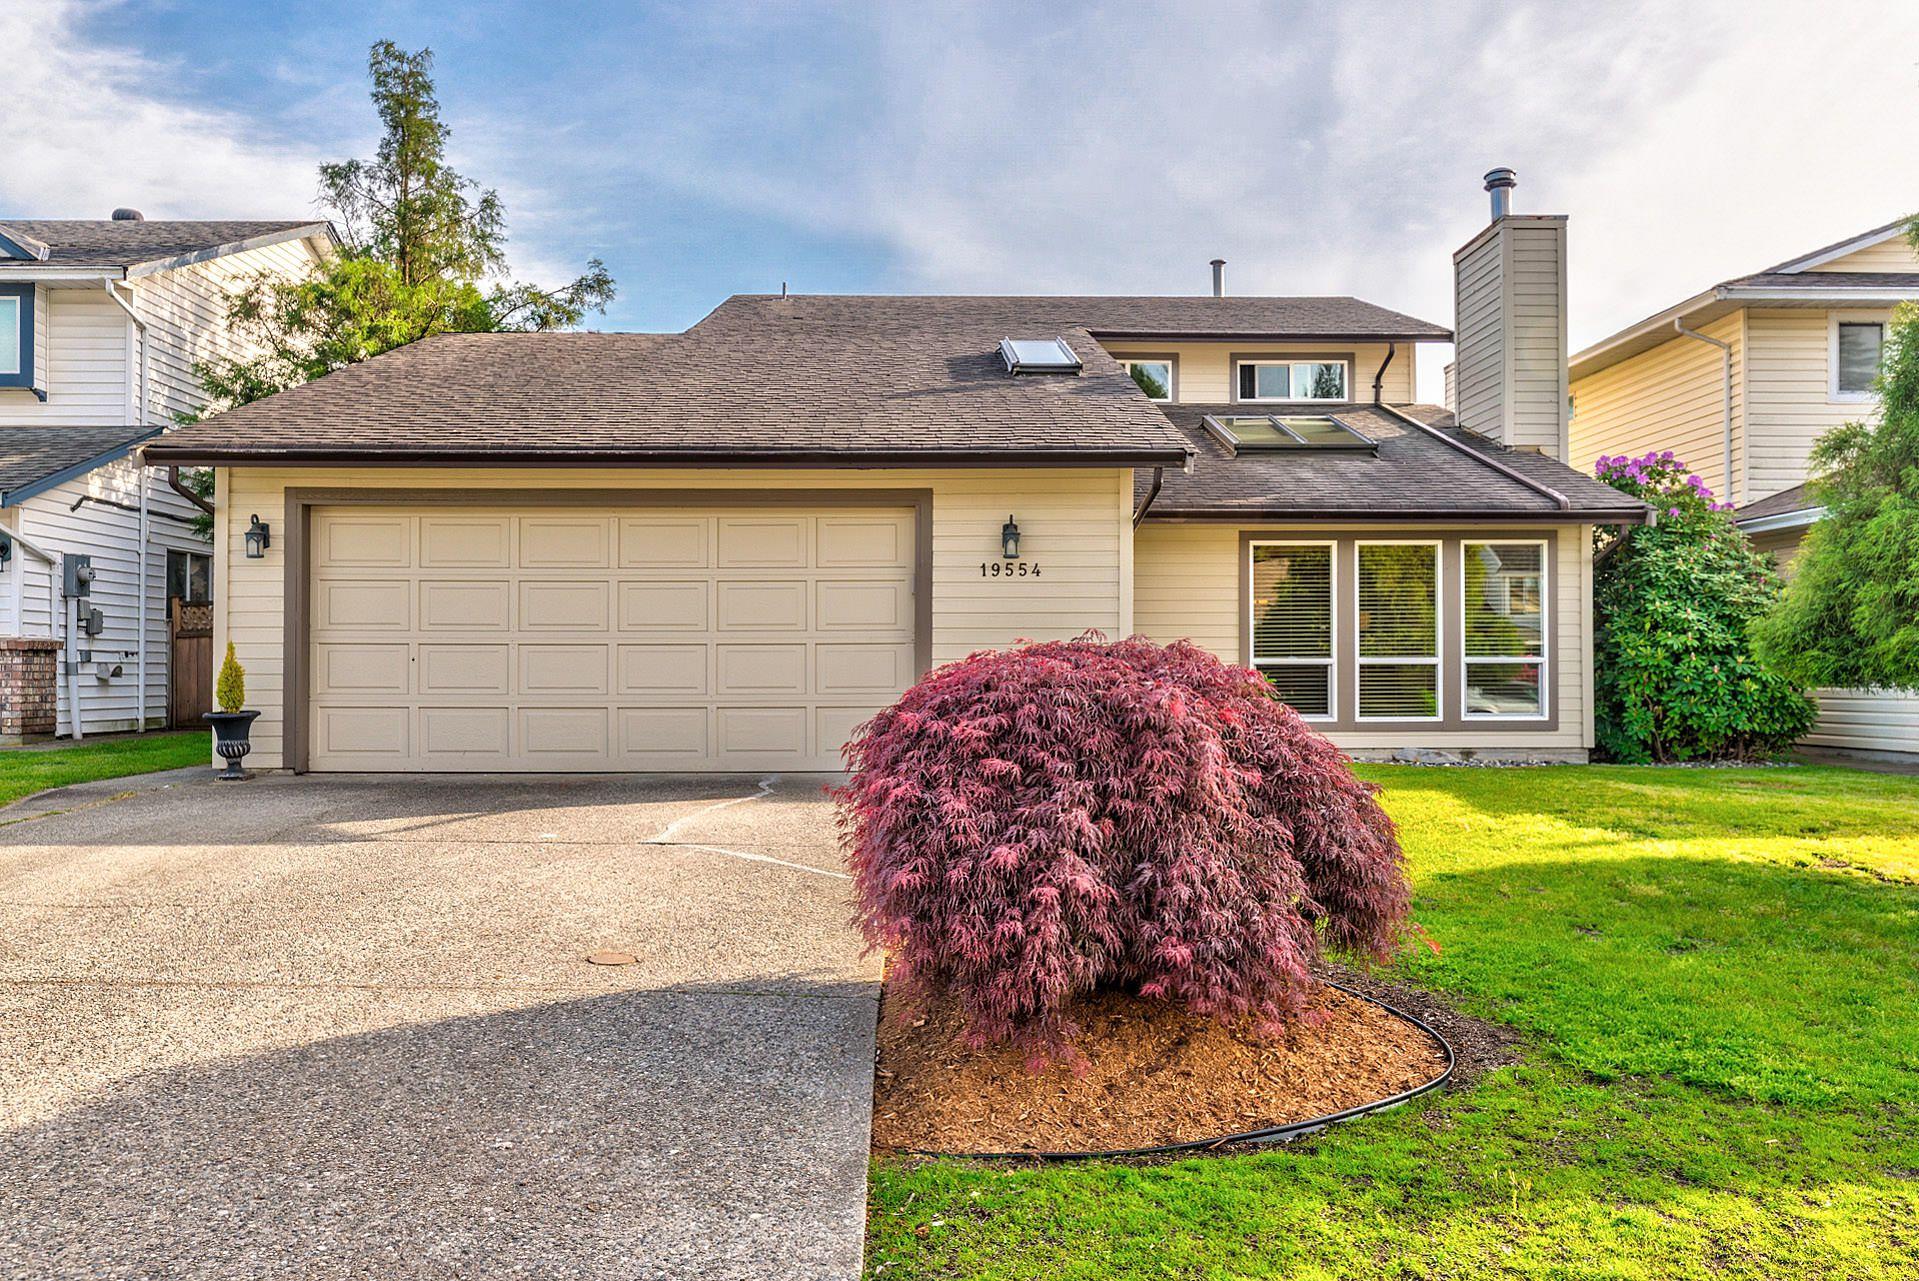 Main Photo: 19554 Oak Terrace in Pitt Meadows: Mid Meadows House for sale : MLS®# R2369640